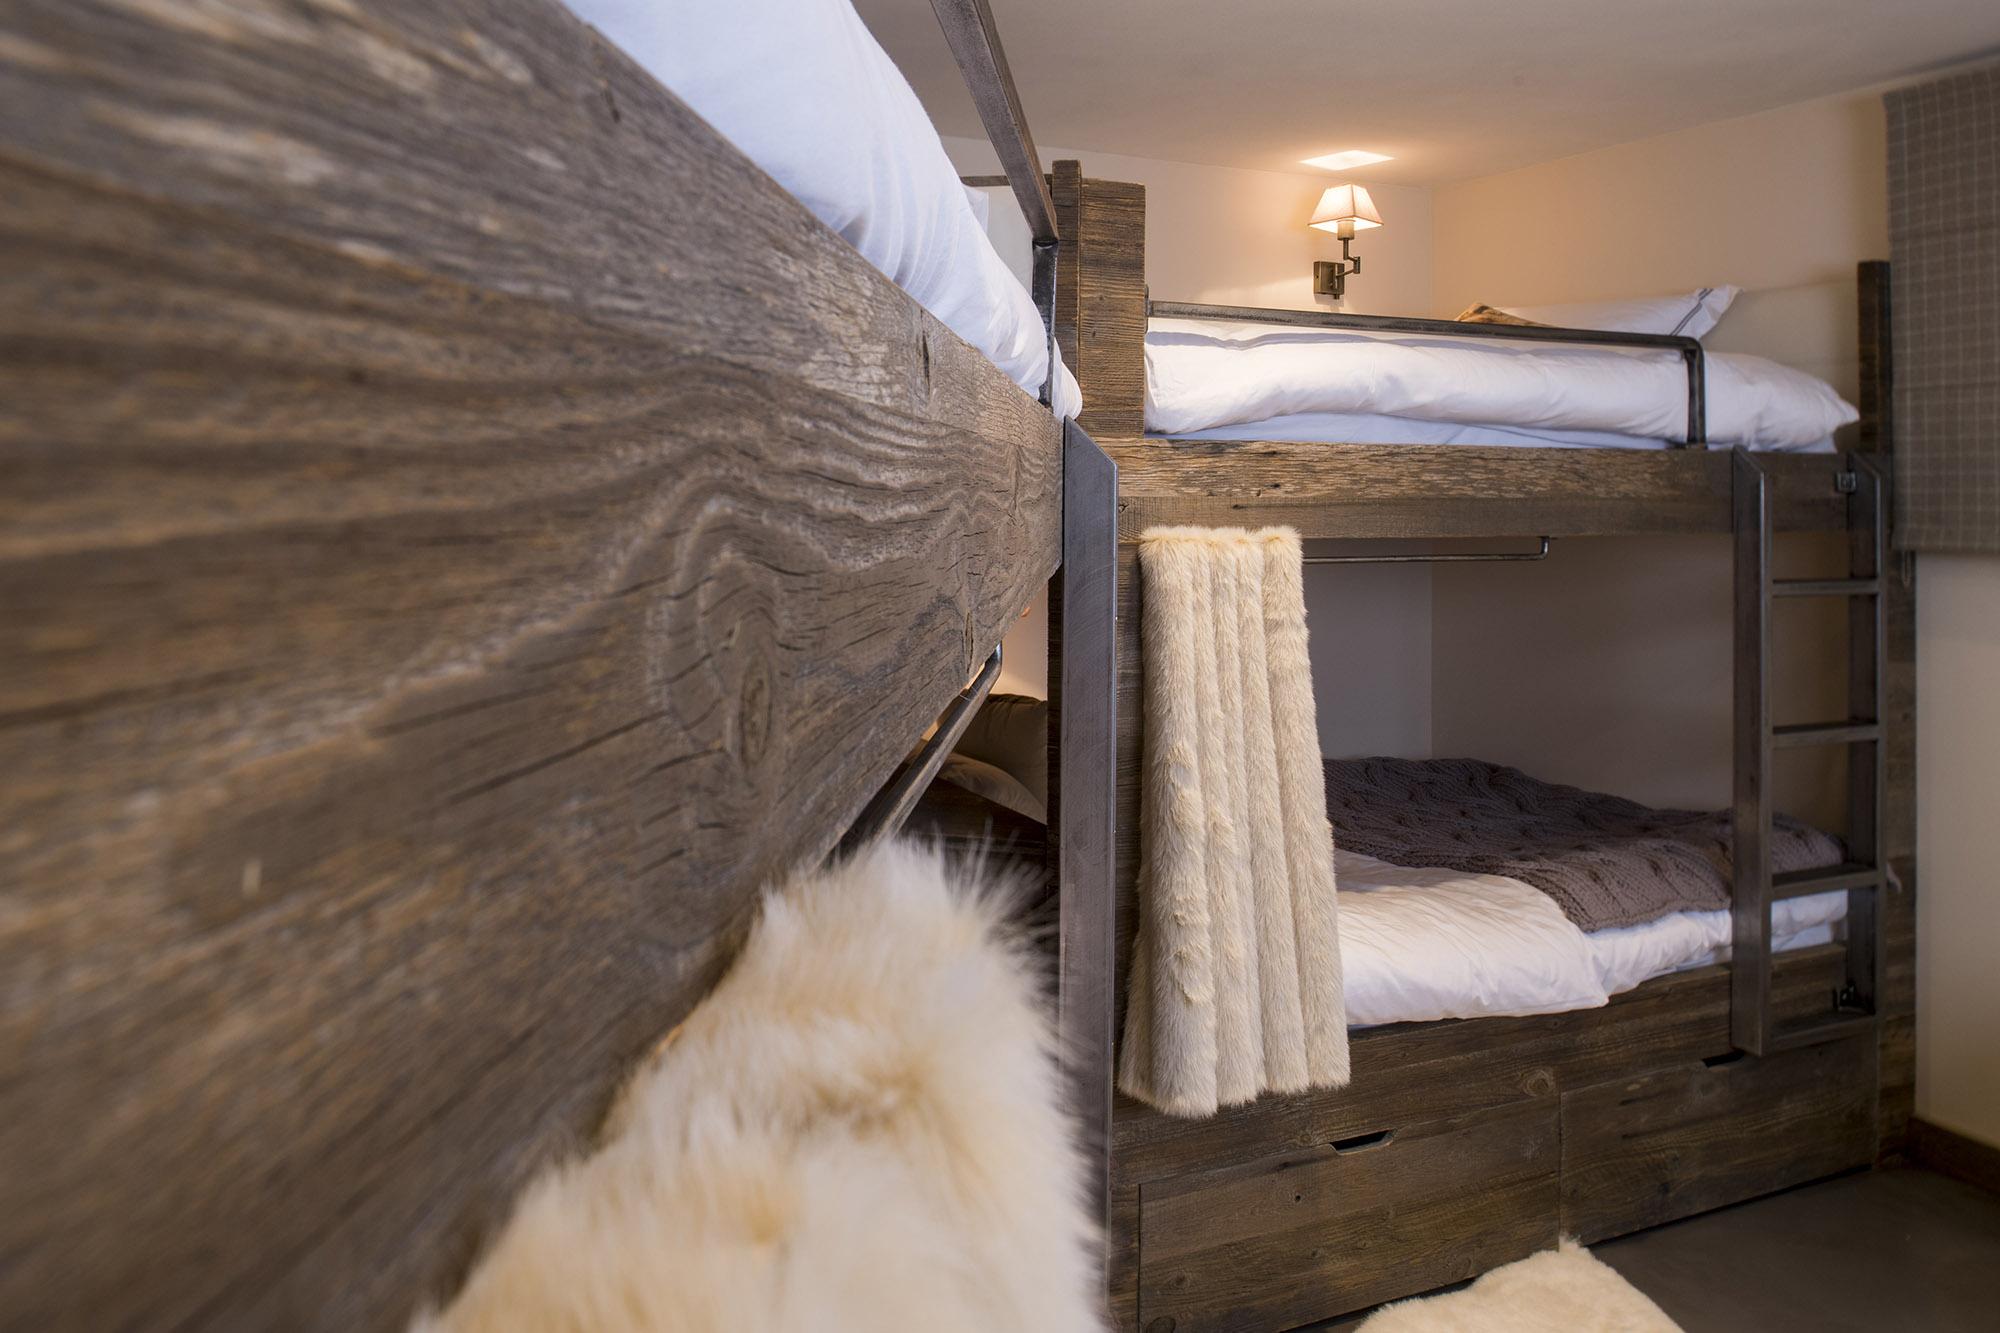 Réalisation - Tête de lit, rideaux et stores